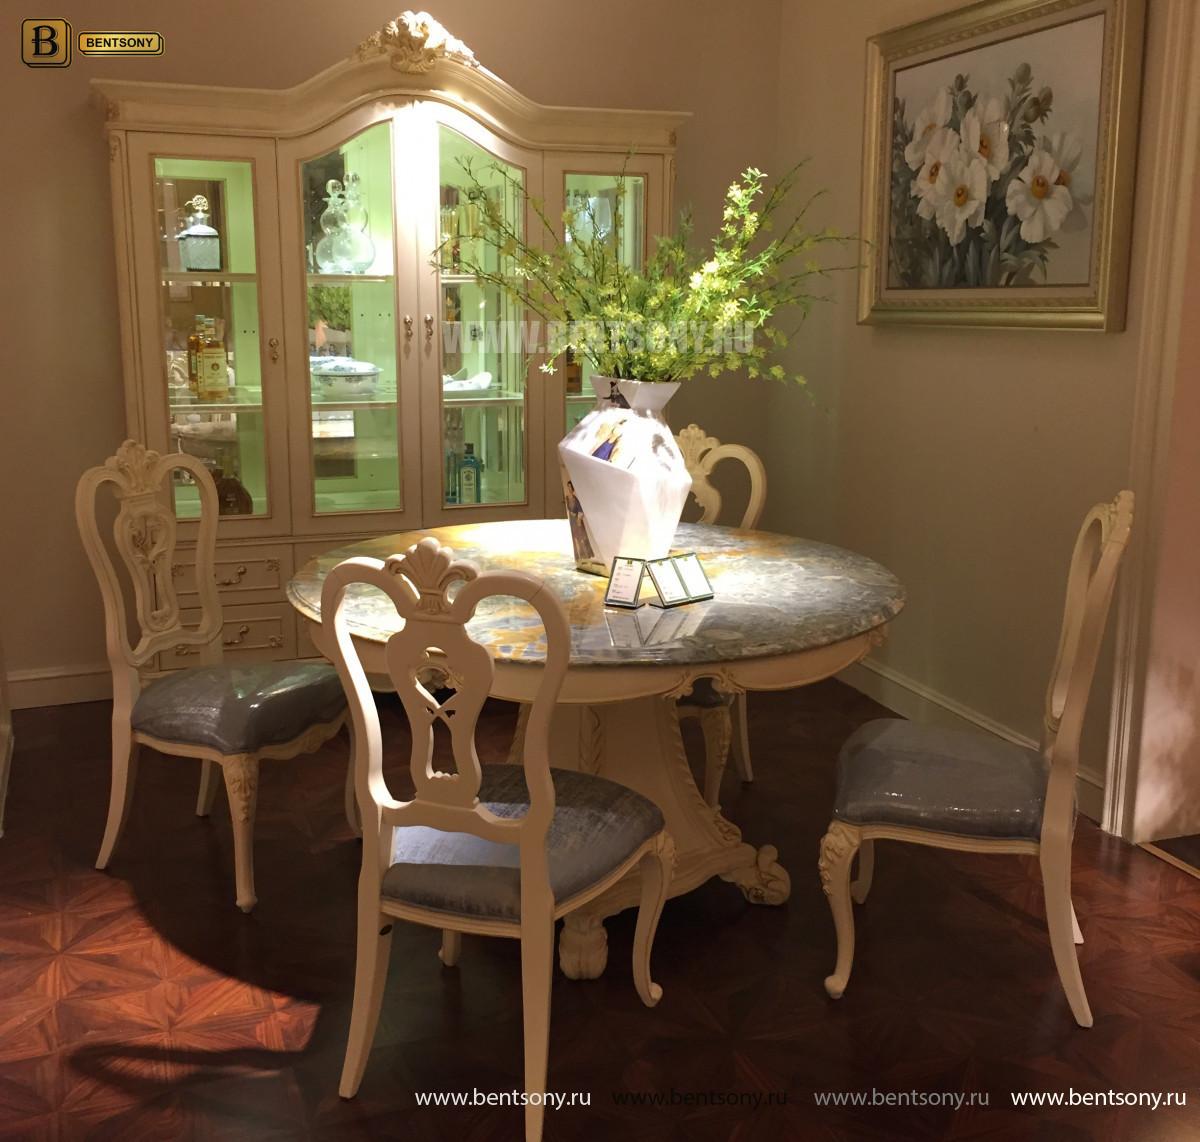 Столовая Митчел с круглым столом (Классика, мраморная столешница) изображение